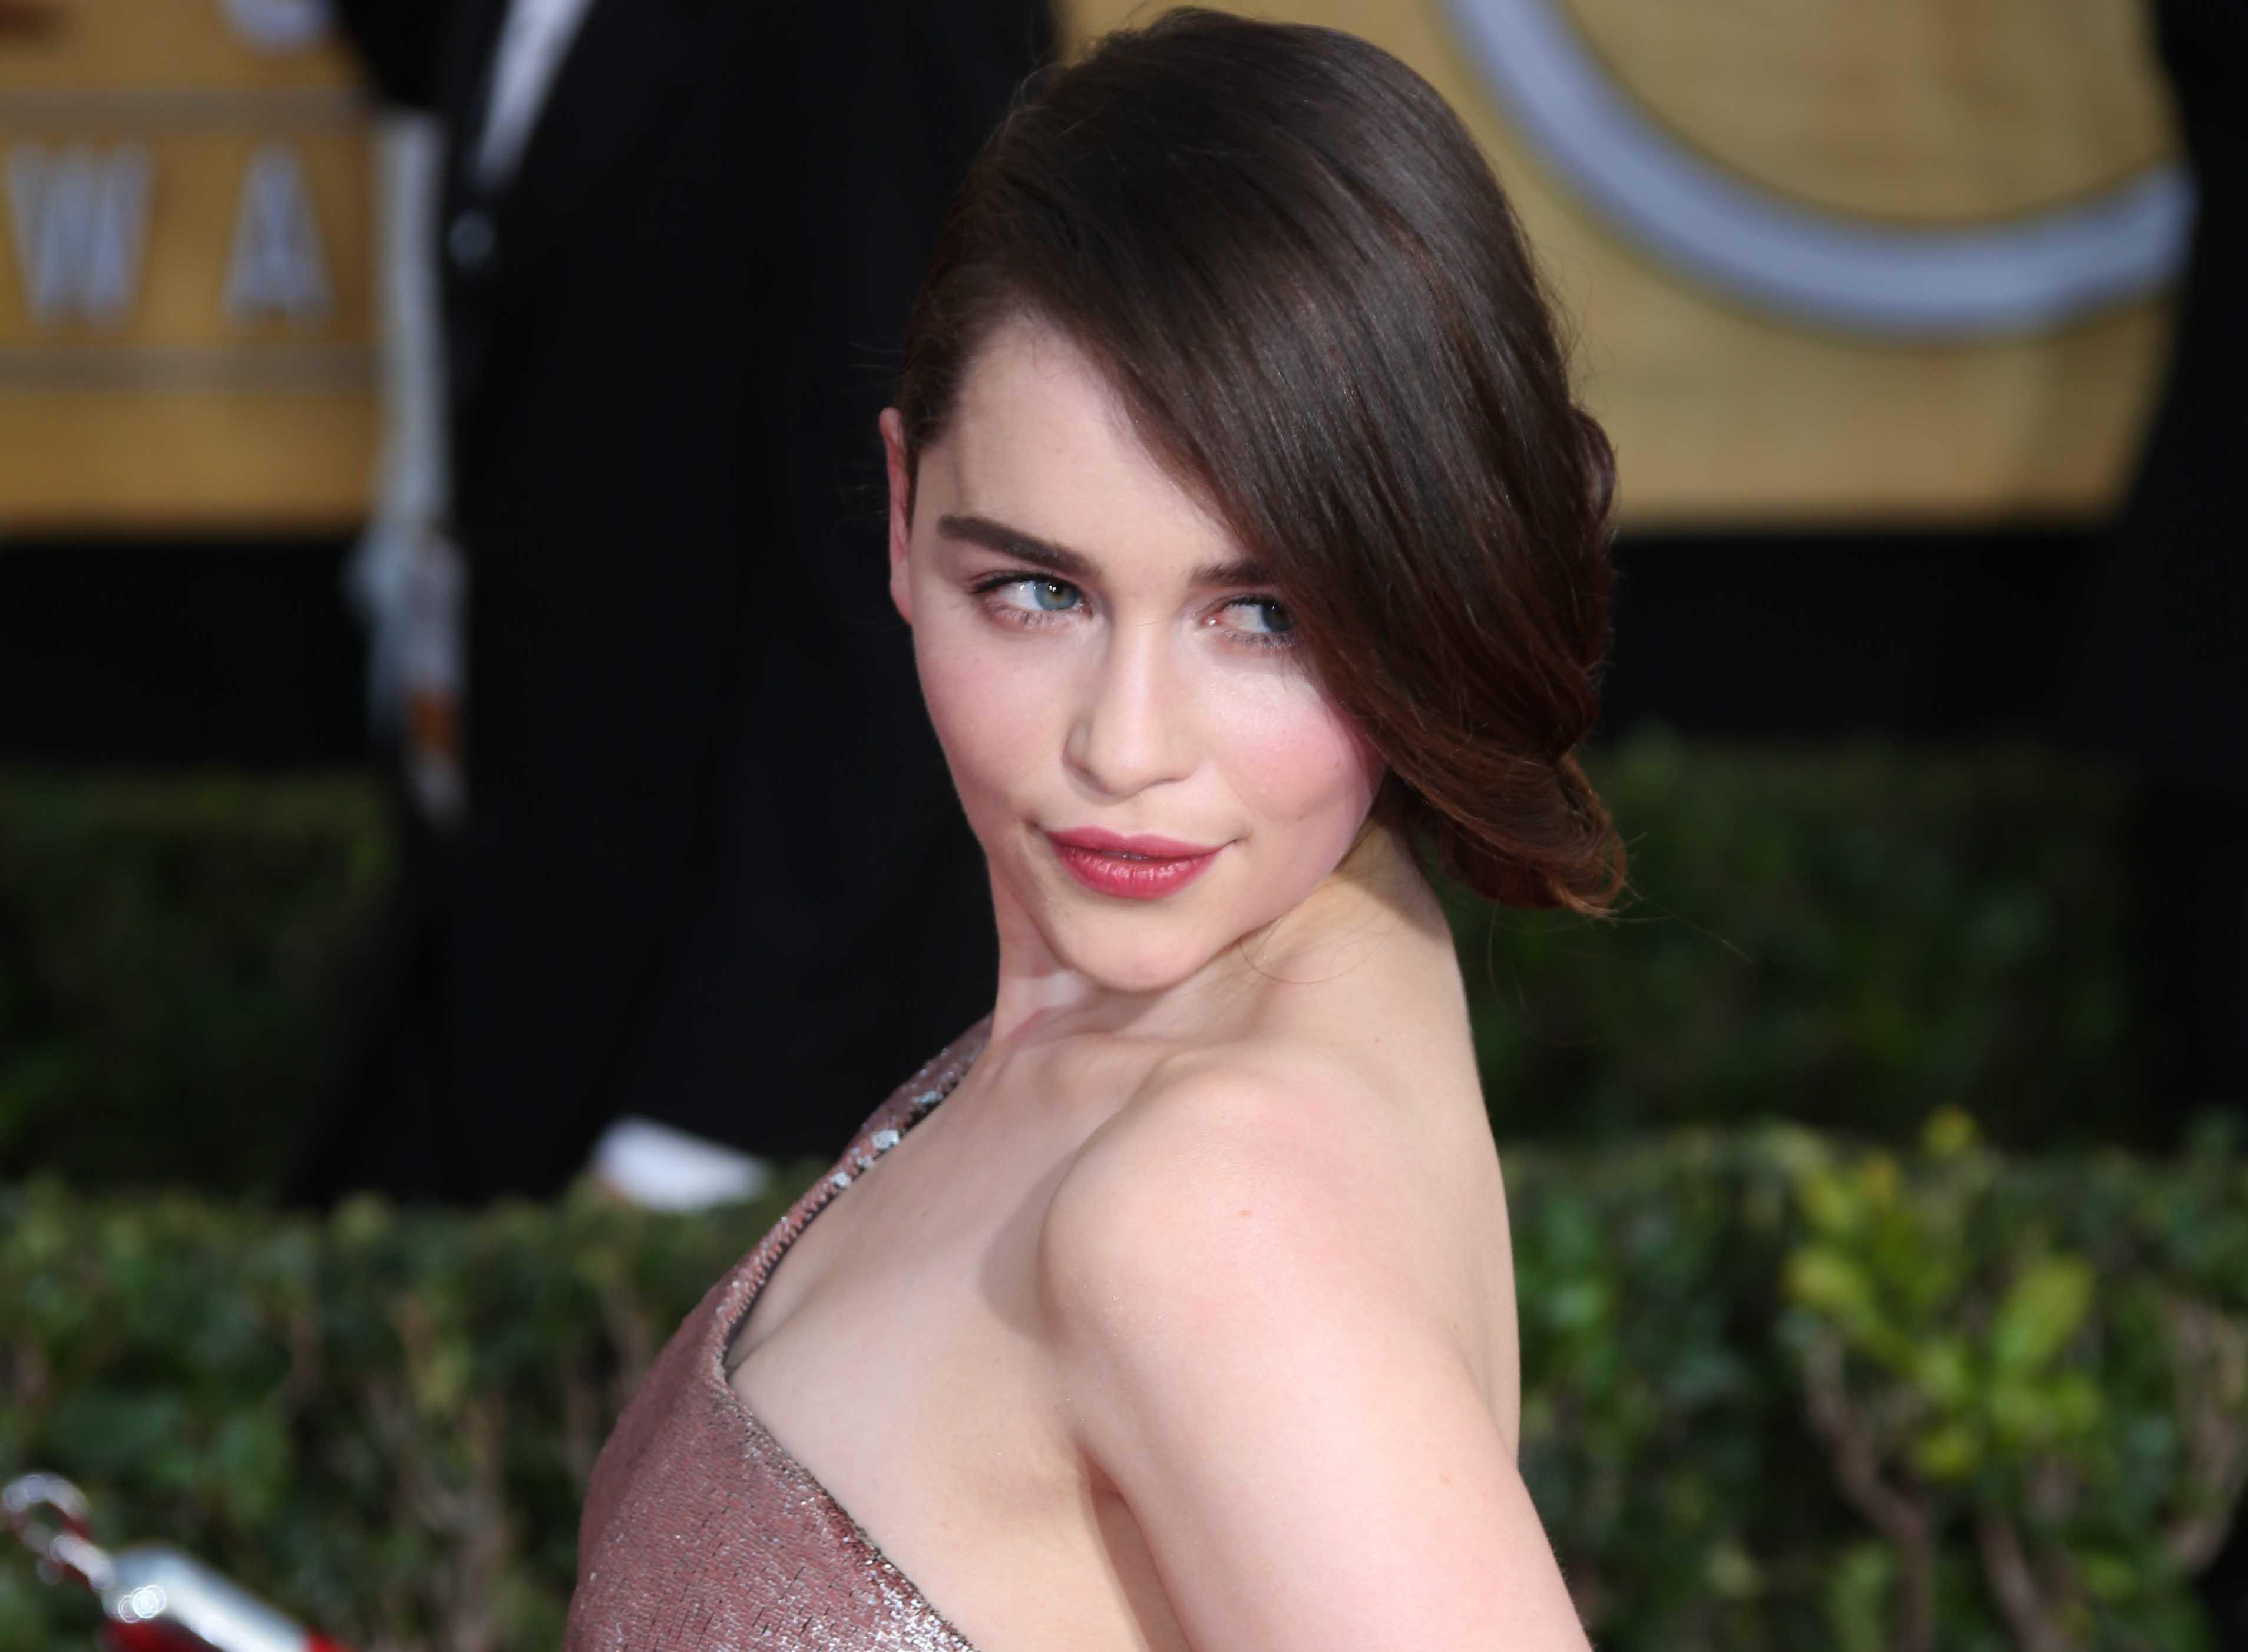 Emilia clarke cute images